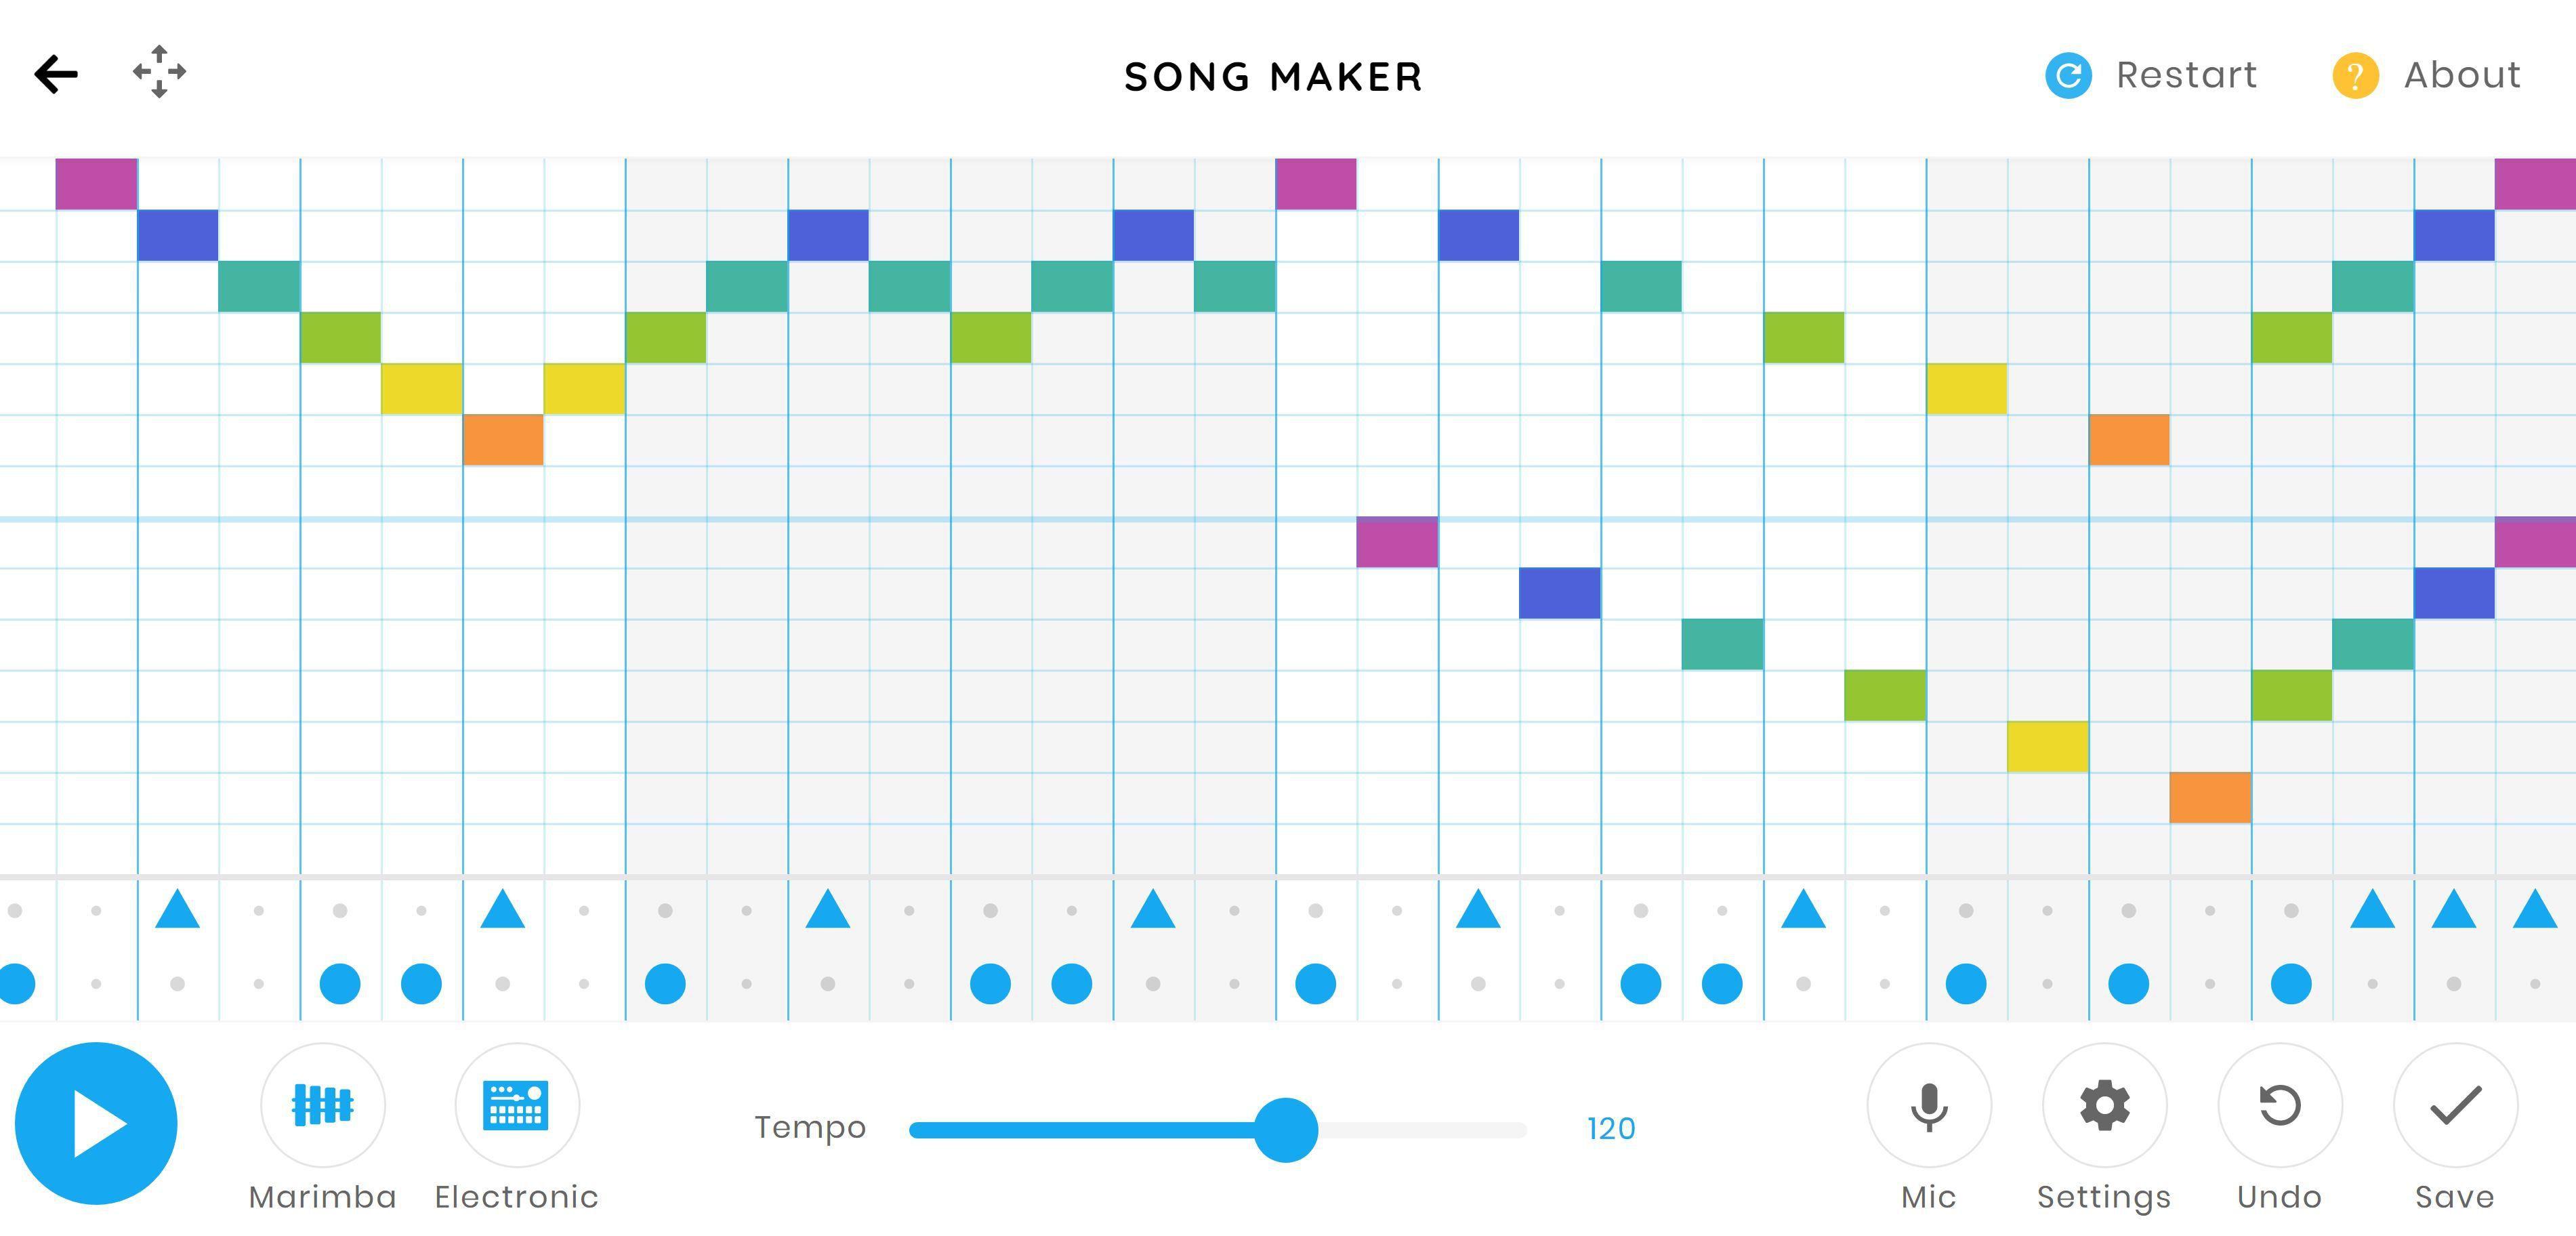 song maker